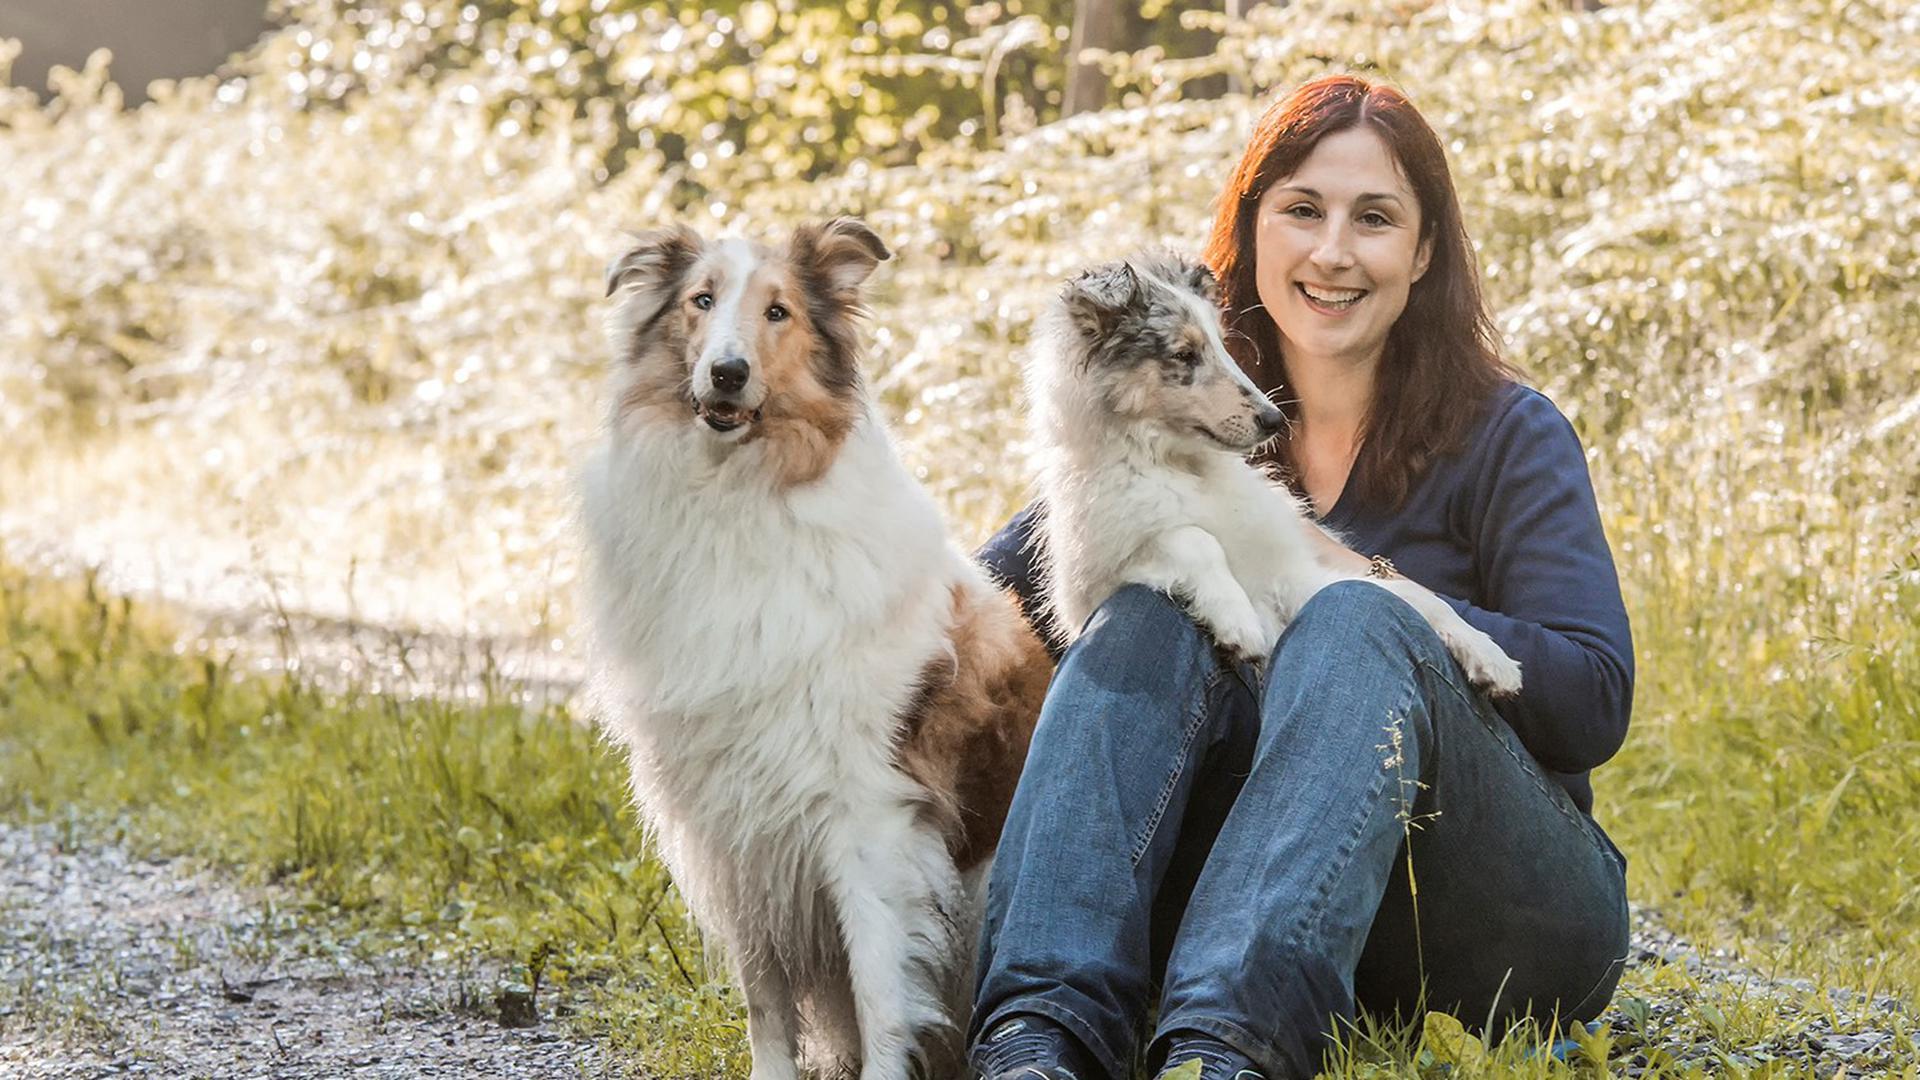 Weiß von der positiven Wirkung von Hunden: Christina Merz besuchte vor der Corona-Pandemie mit ihren Collies regelmäßig Alten- und Pflegeheim.